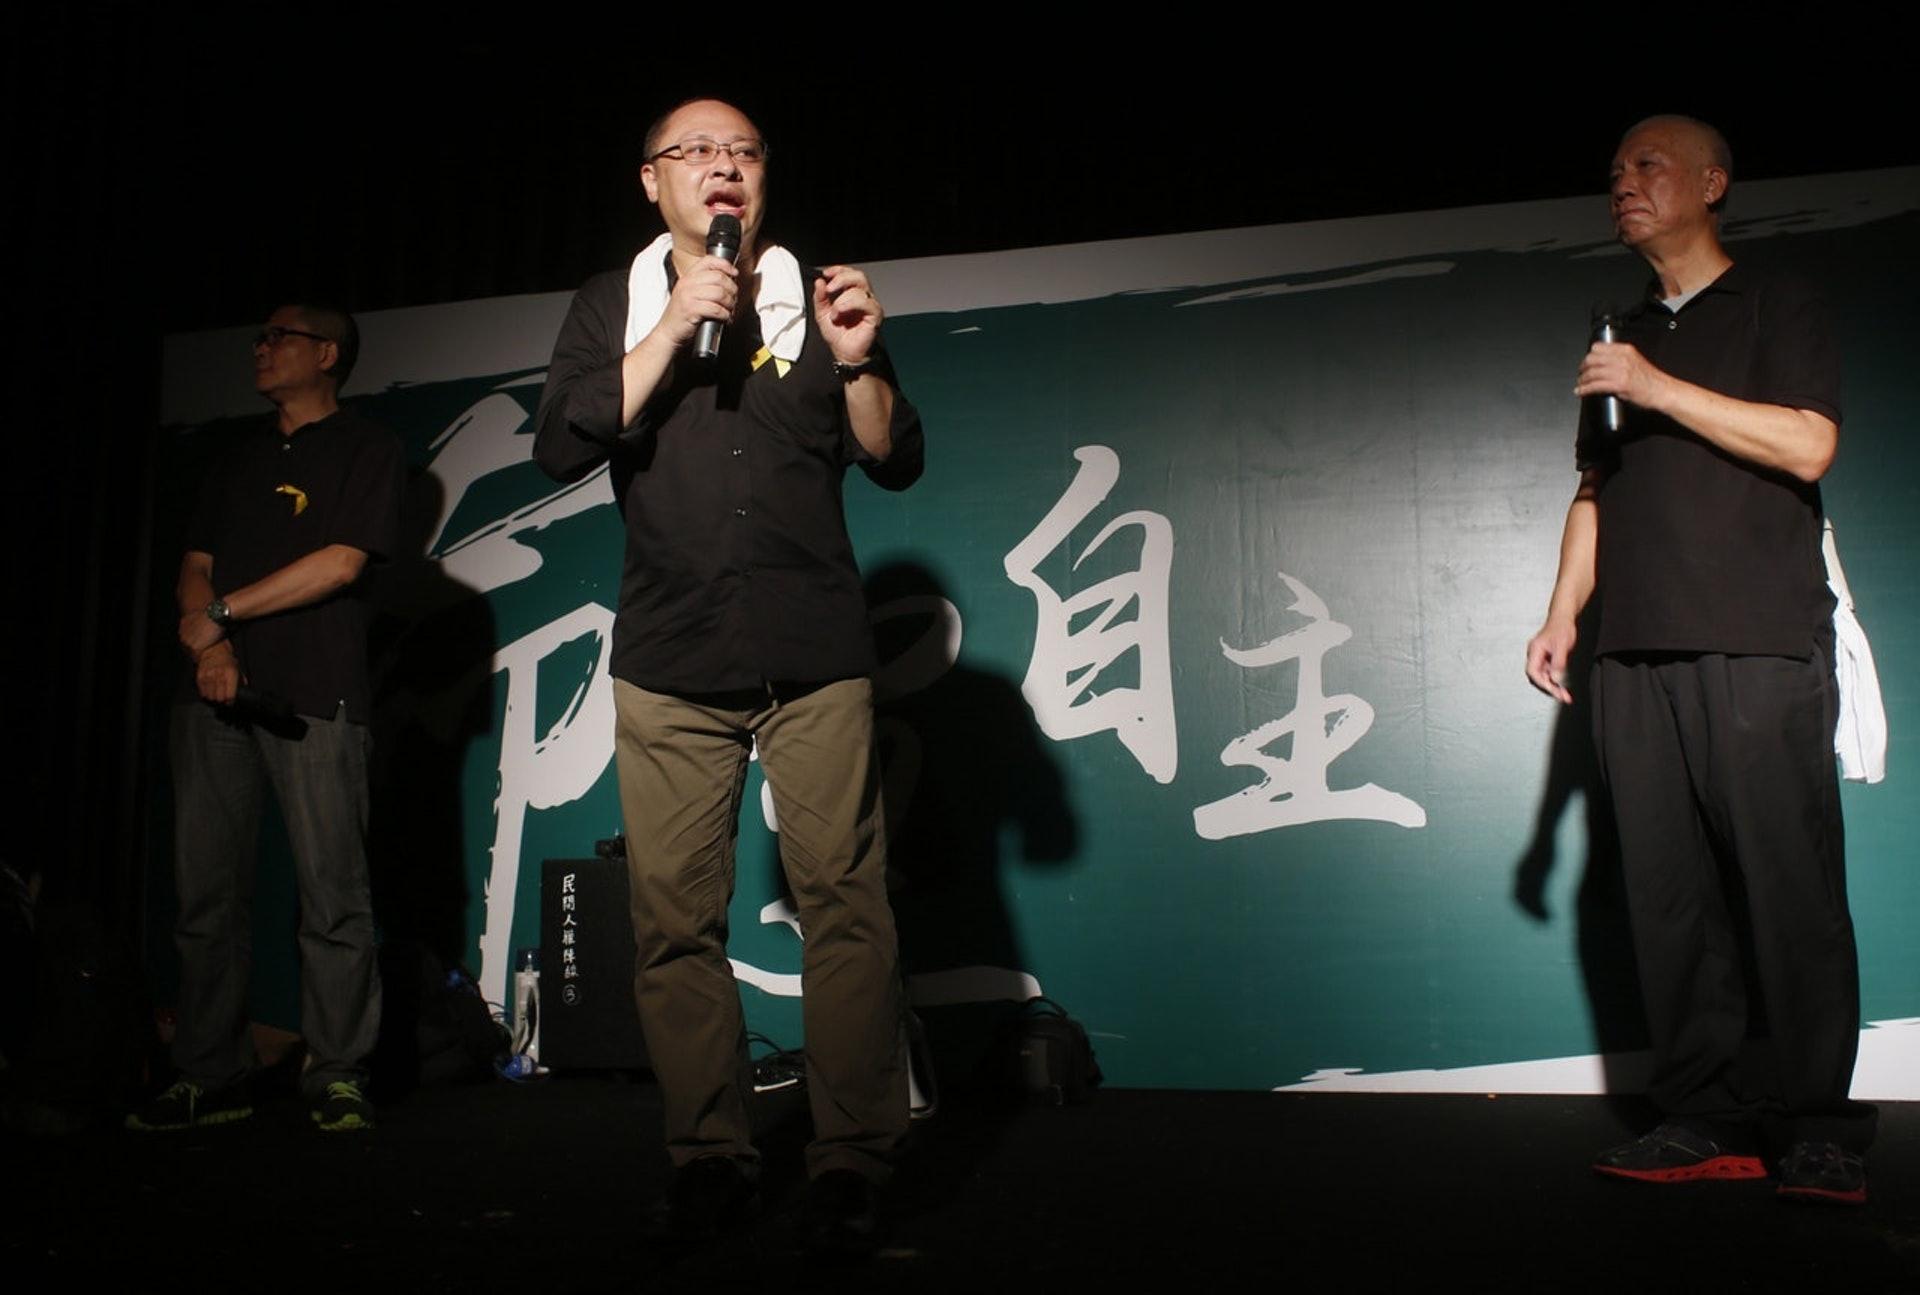 2014年9月28日凌晨,佔中發起人之一的戴耀廷在台上的作出了宣布啟動佔中後,在場有人士起身離開,葉錦龍坦然當刻心情想「大鑊了!」(路透社)